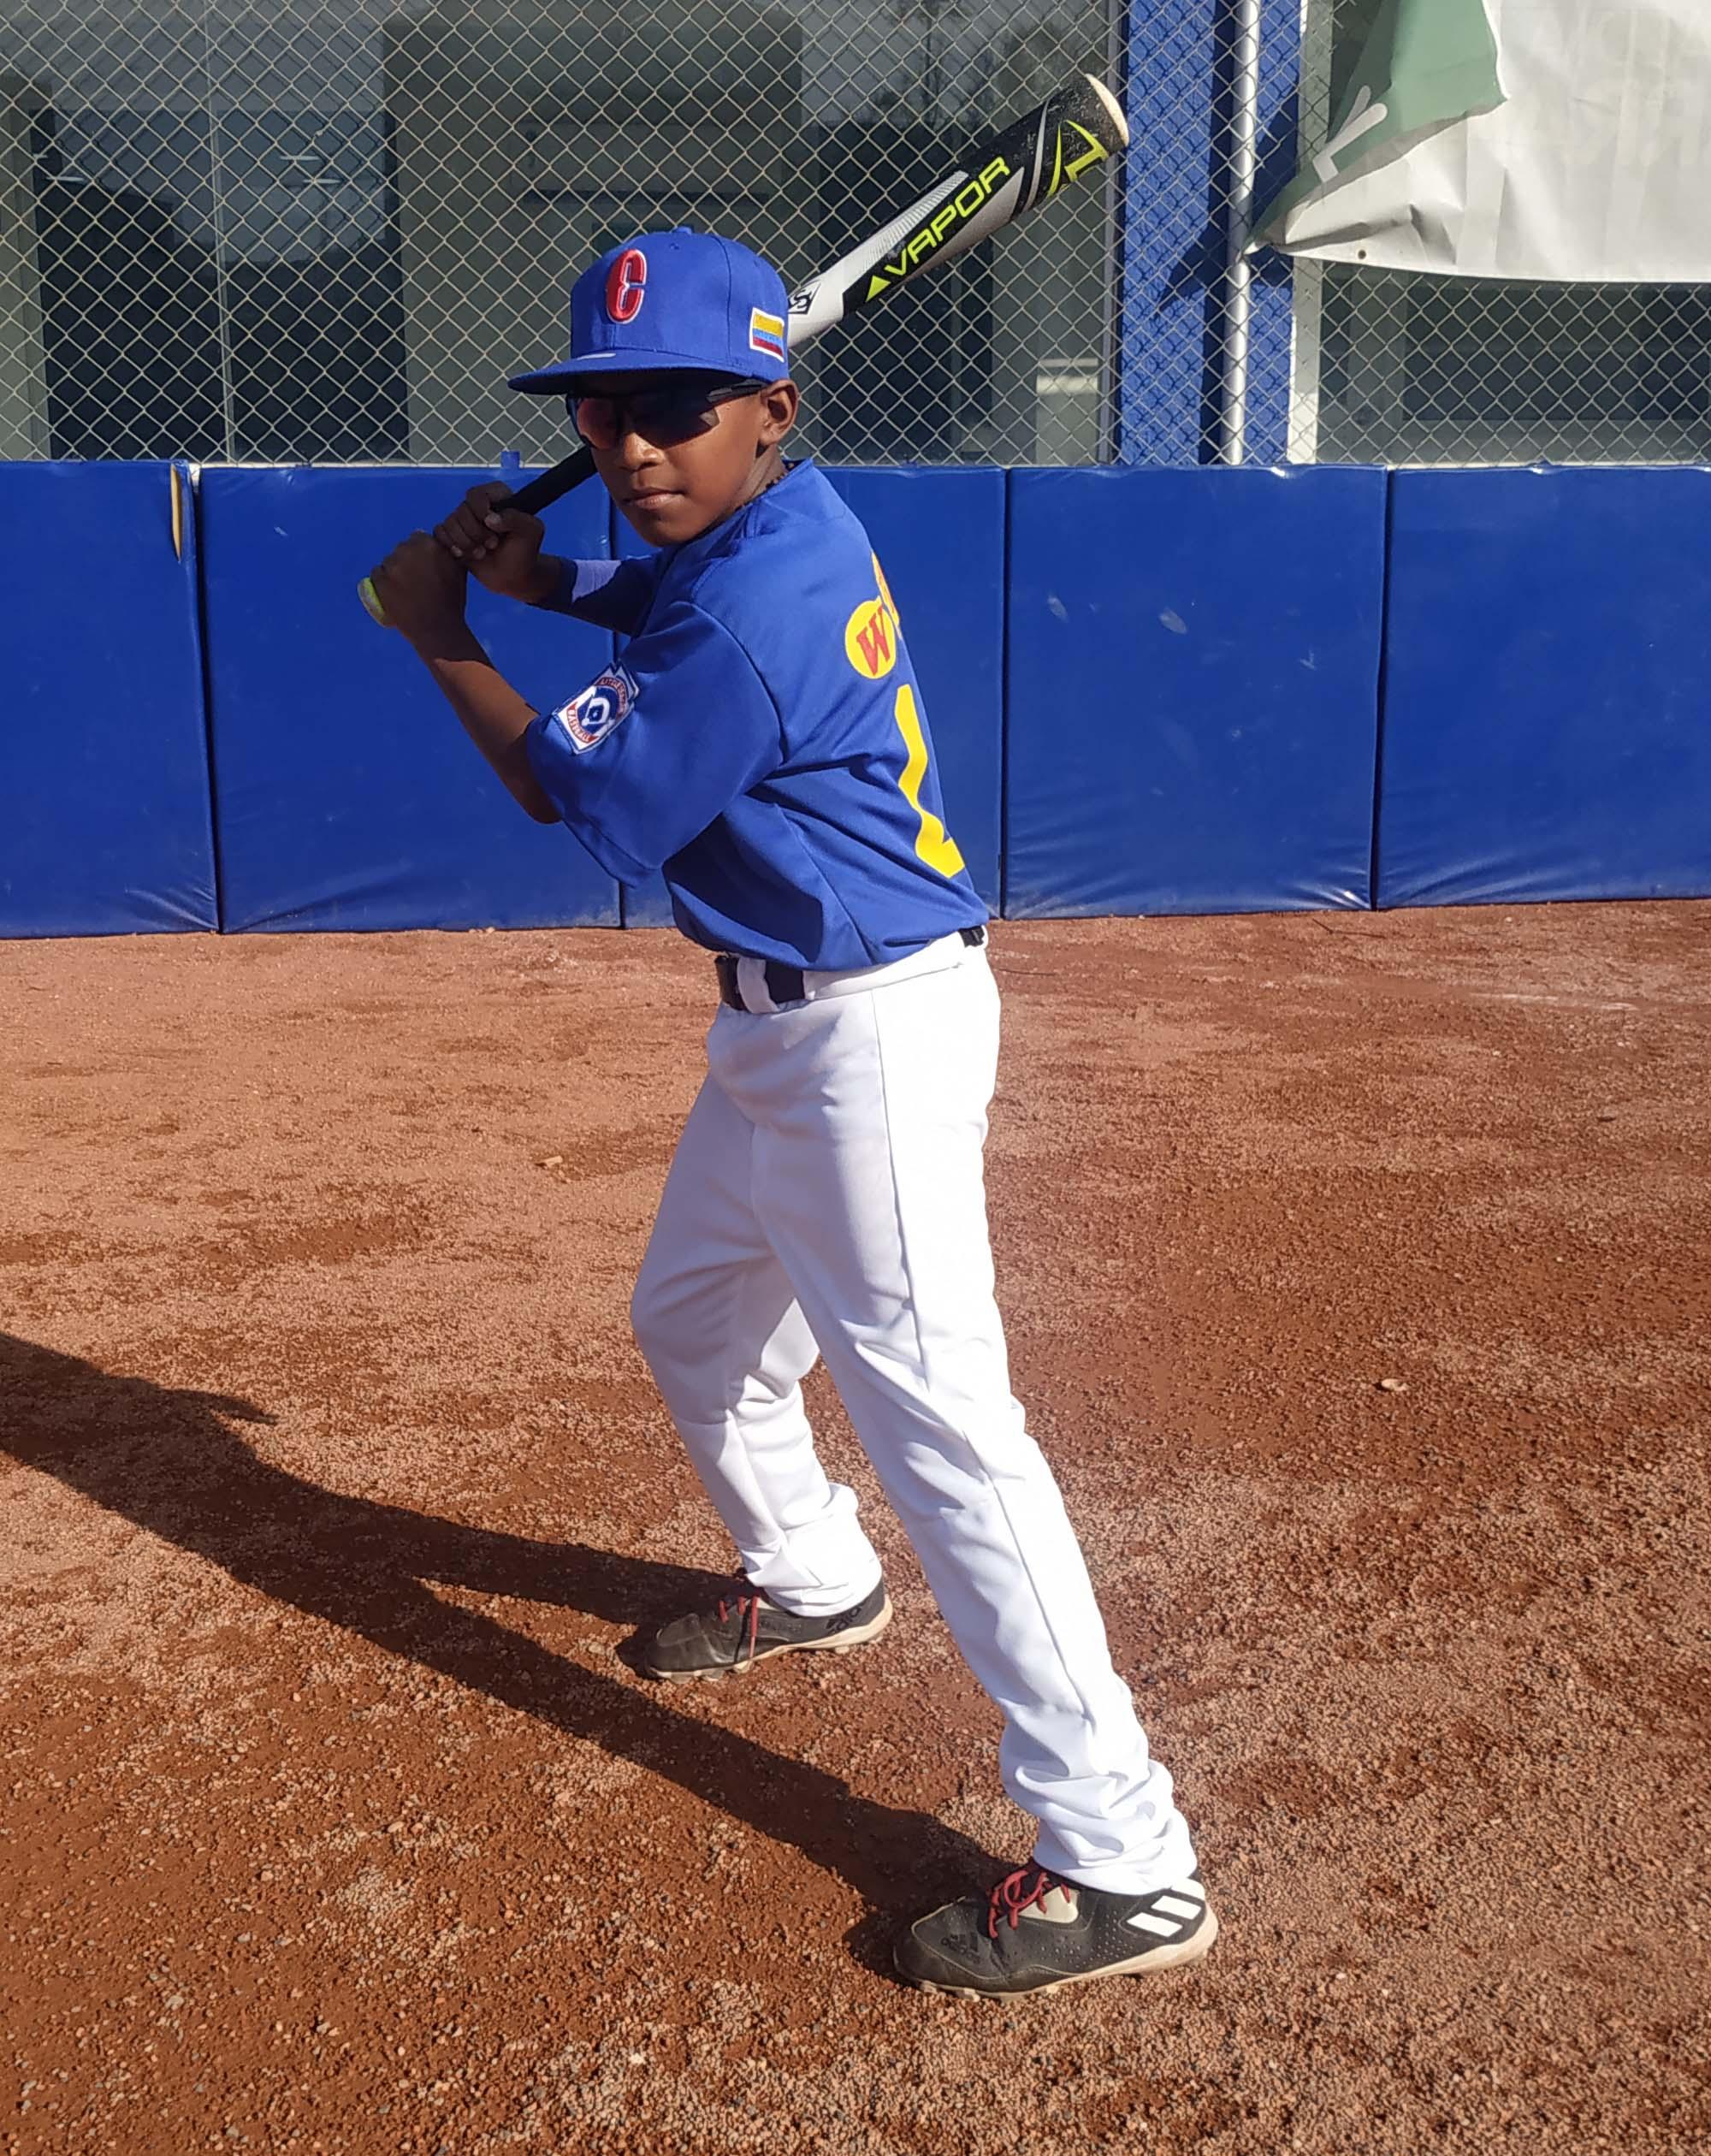 Waynner Jaimes Machado en acción.